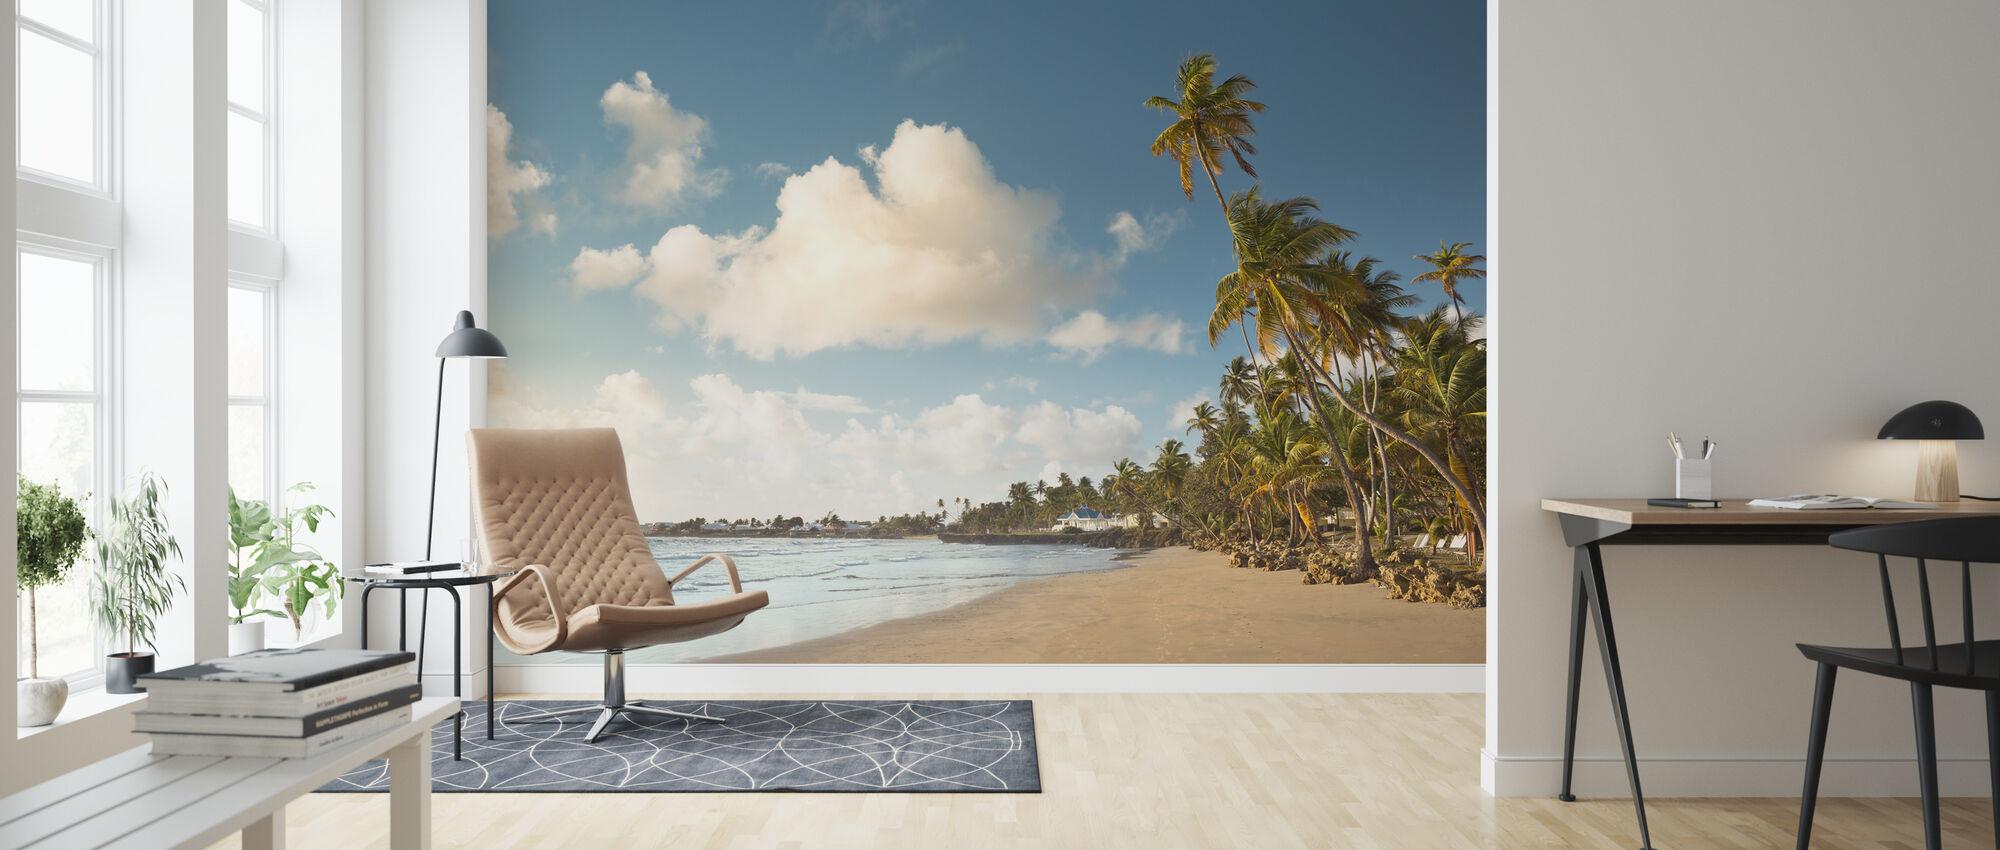 Trinidad and Tobago - Wallpaper - Living Room